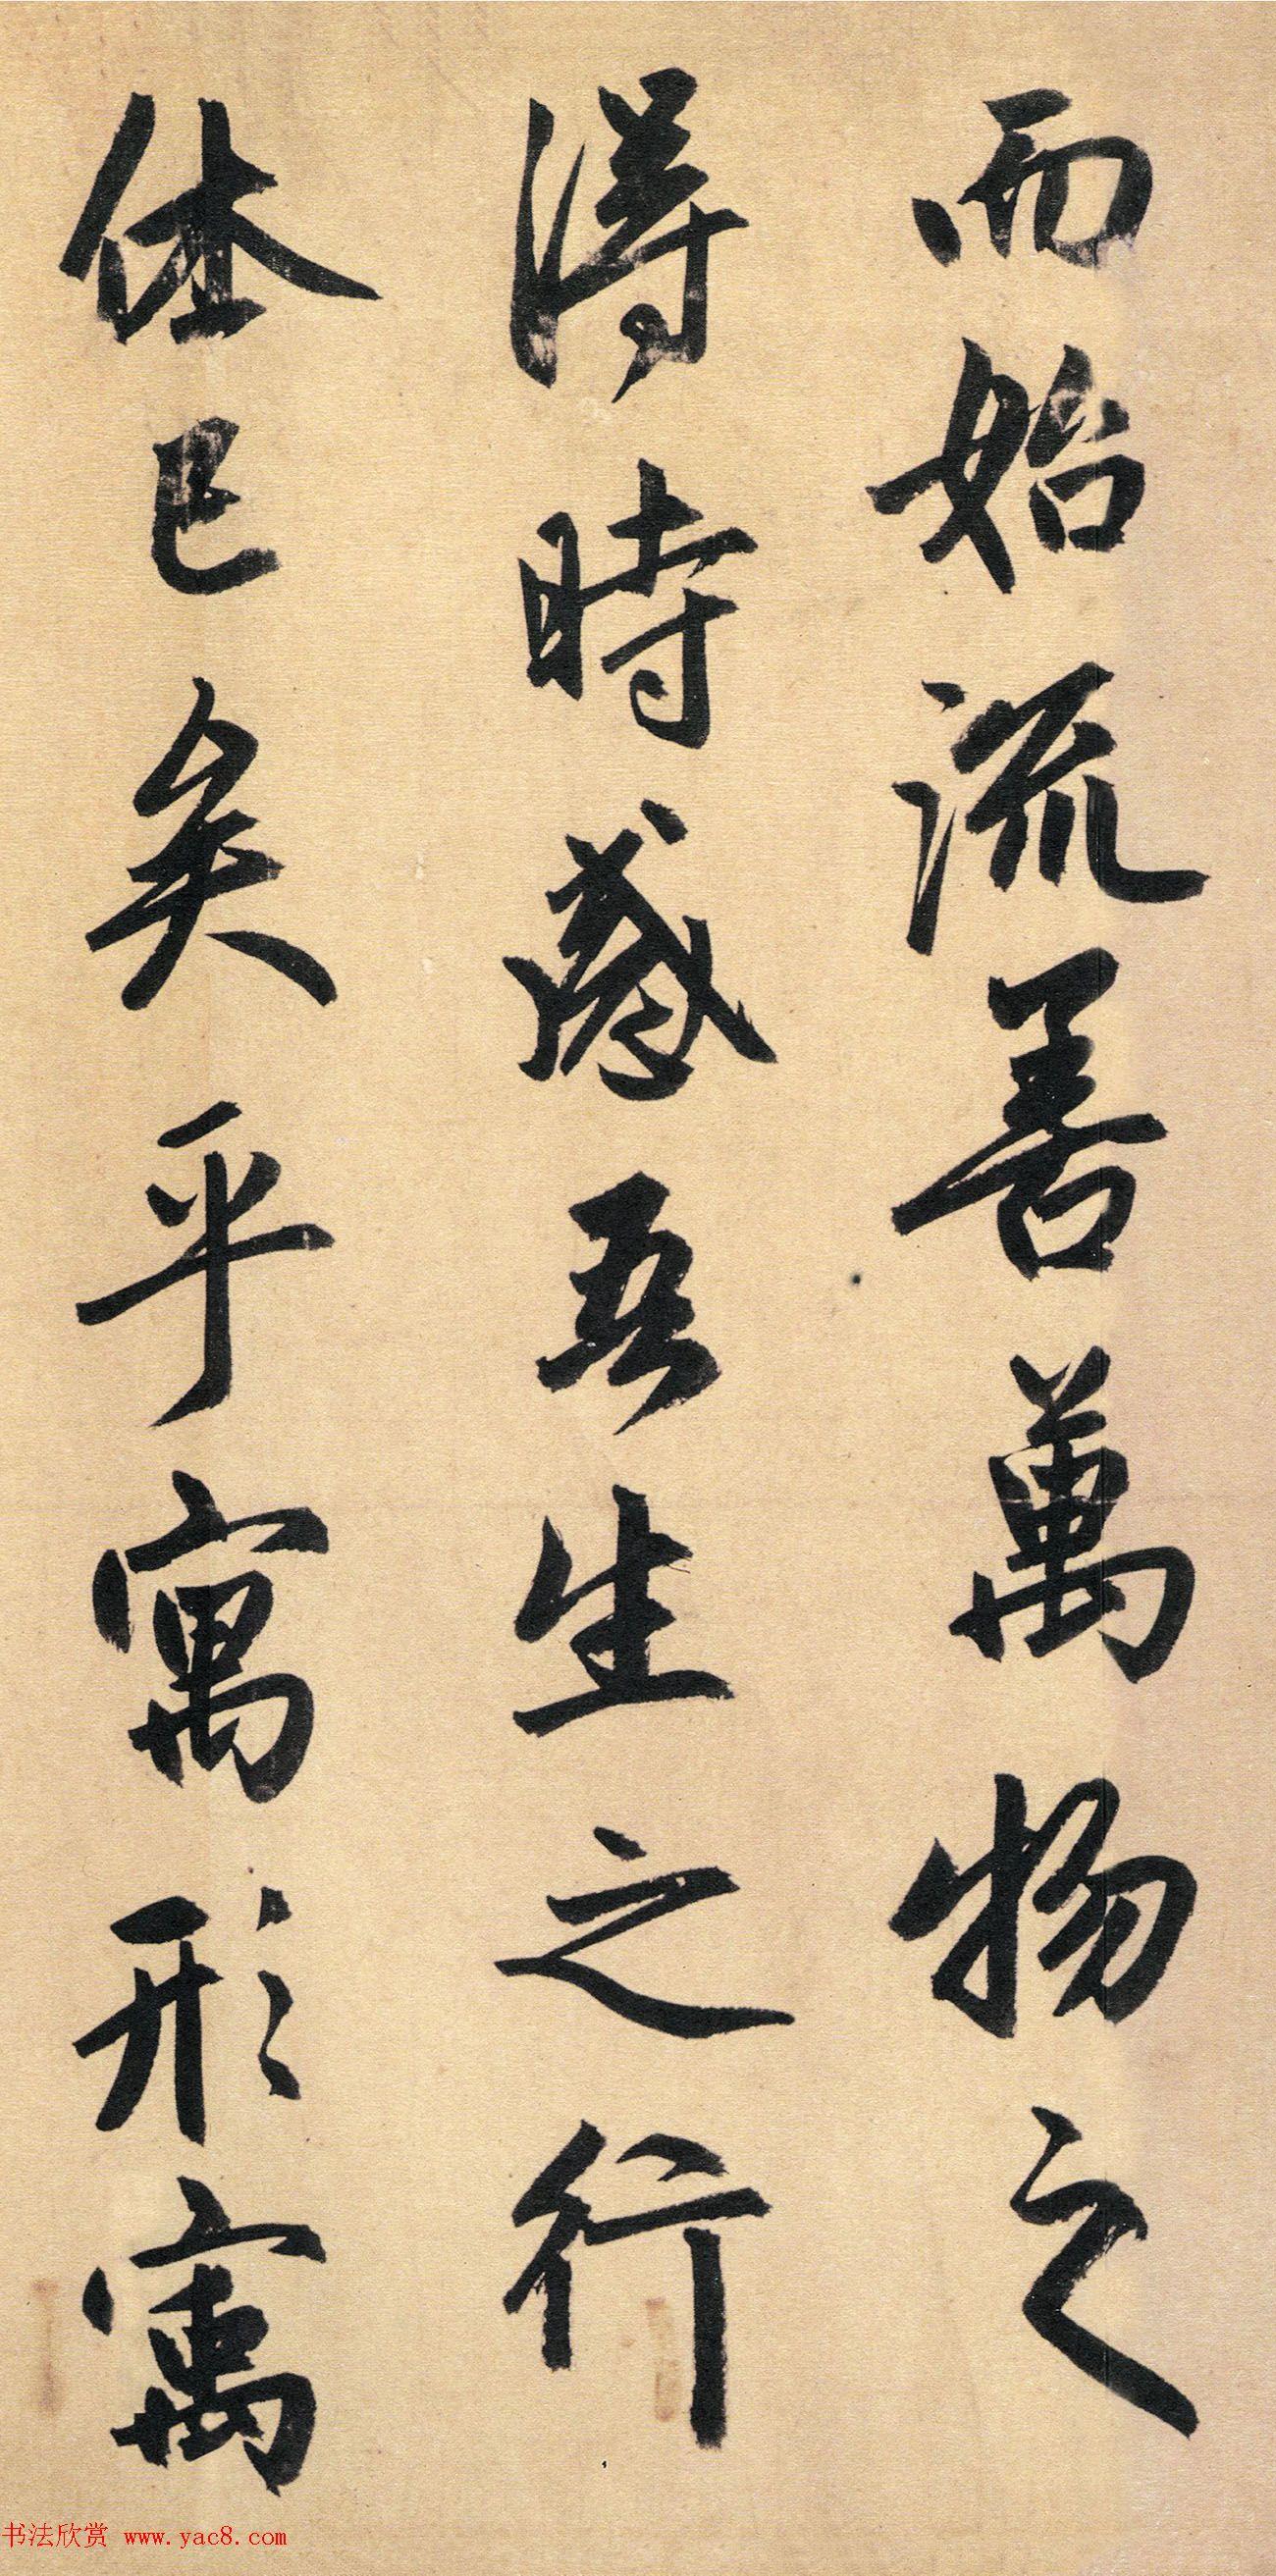 赵孟頫65岁大字行书《归去来辞》